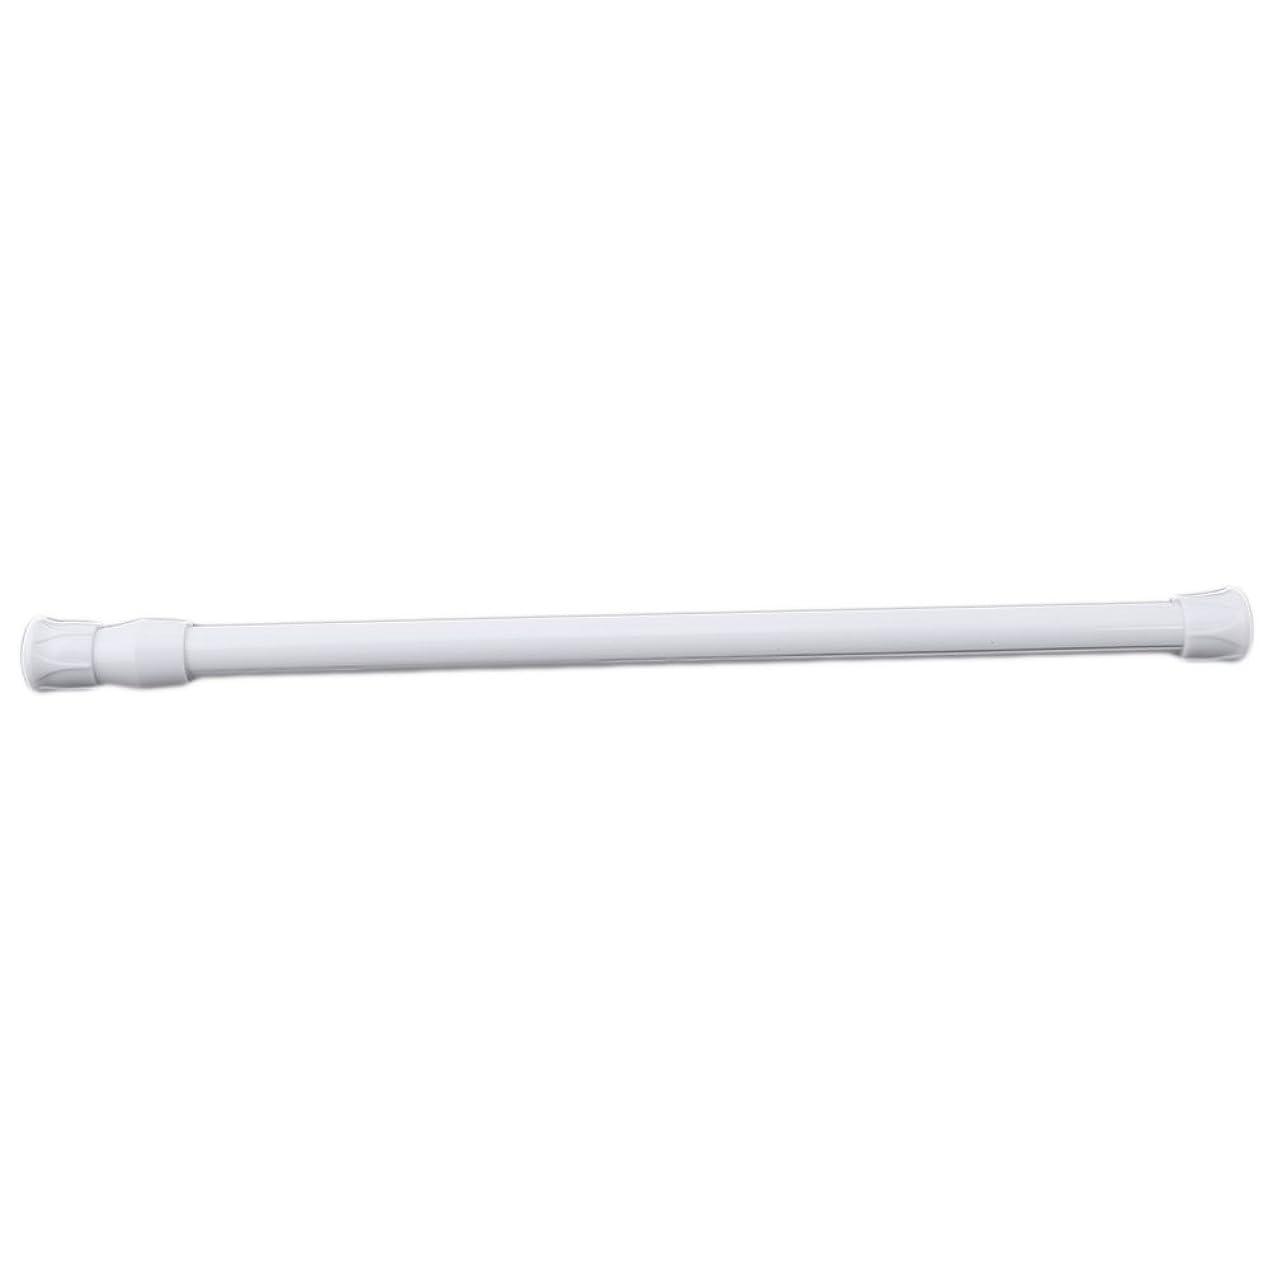 損傷更新口実PINKING 強力タイプの突っ張り棒 伸縮棒 多機能の突っ張り棒 アルミニウム合金 シャワーカーテンロッド より厚い より強い負荷 1個